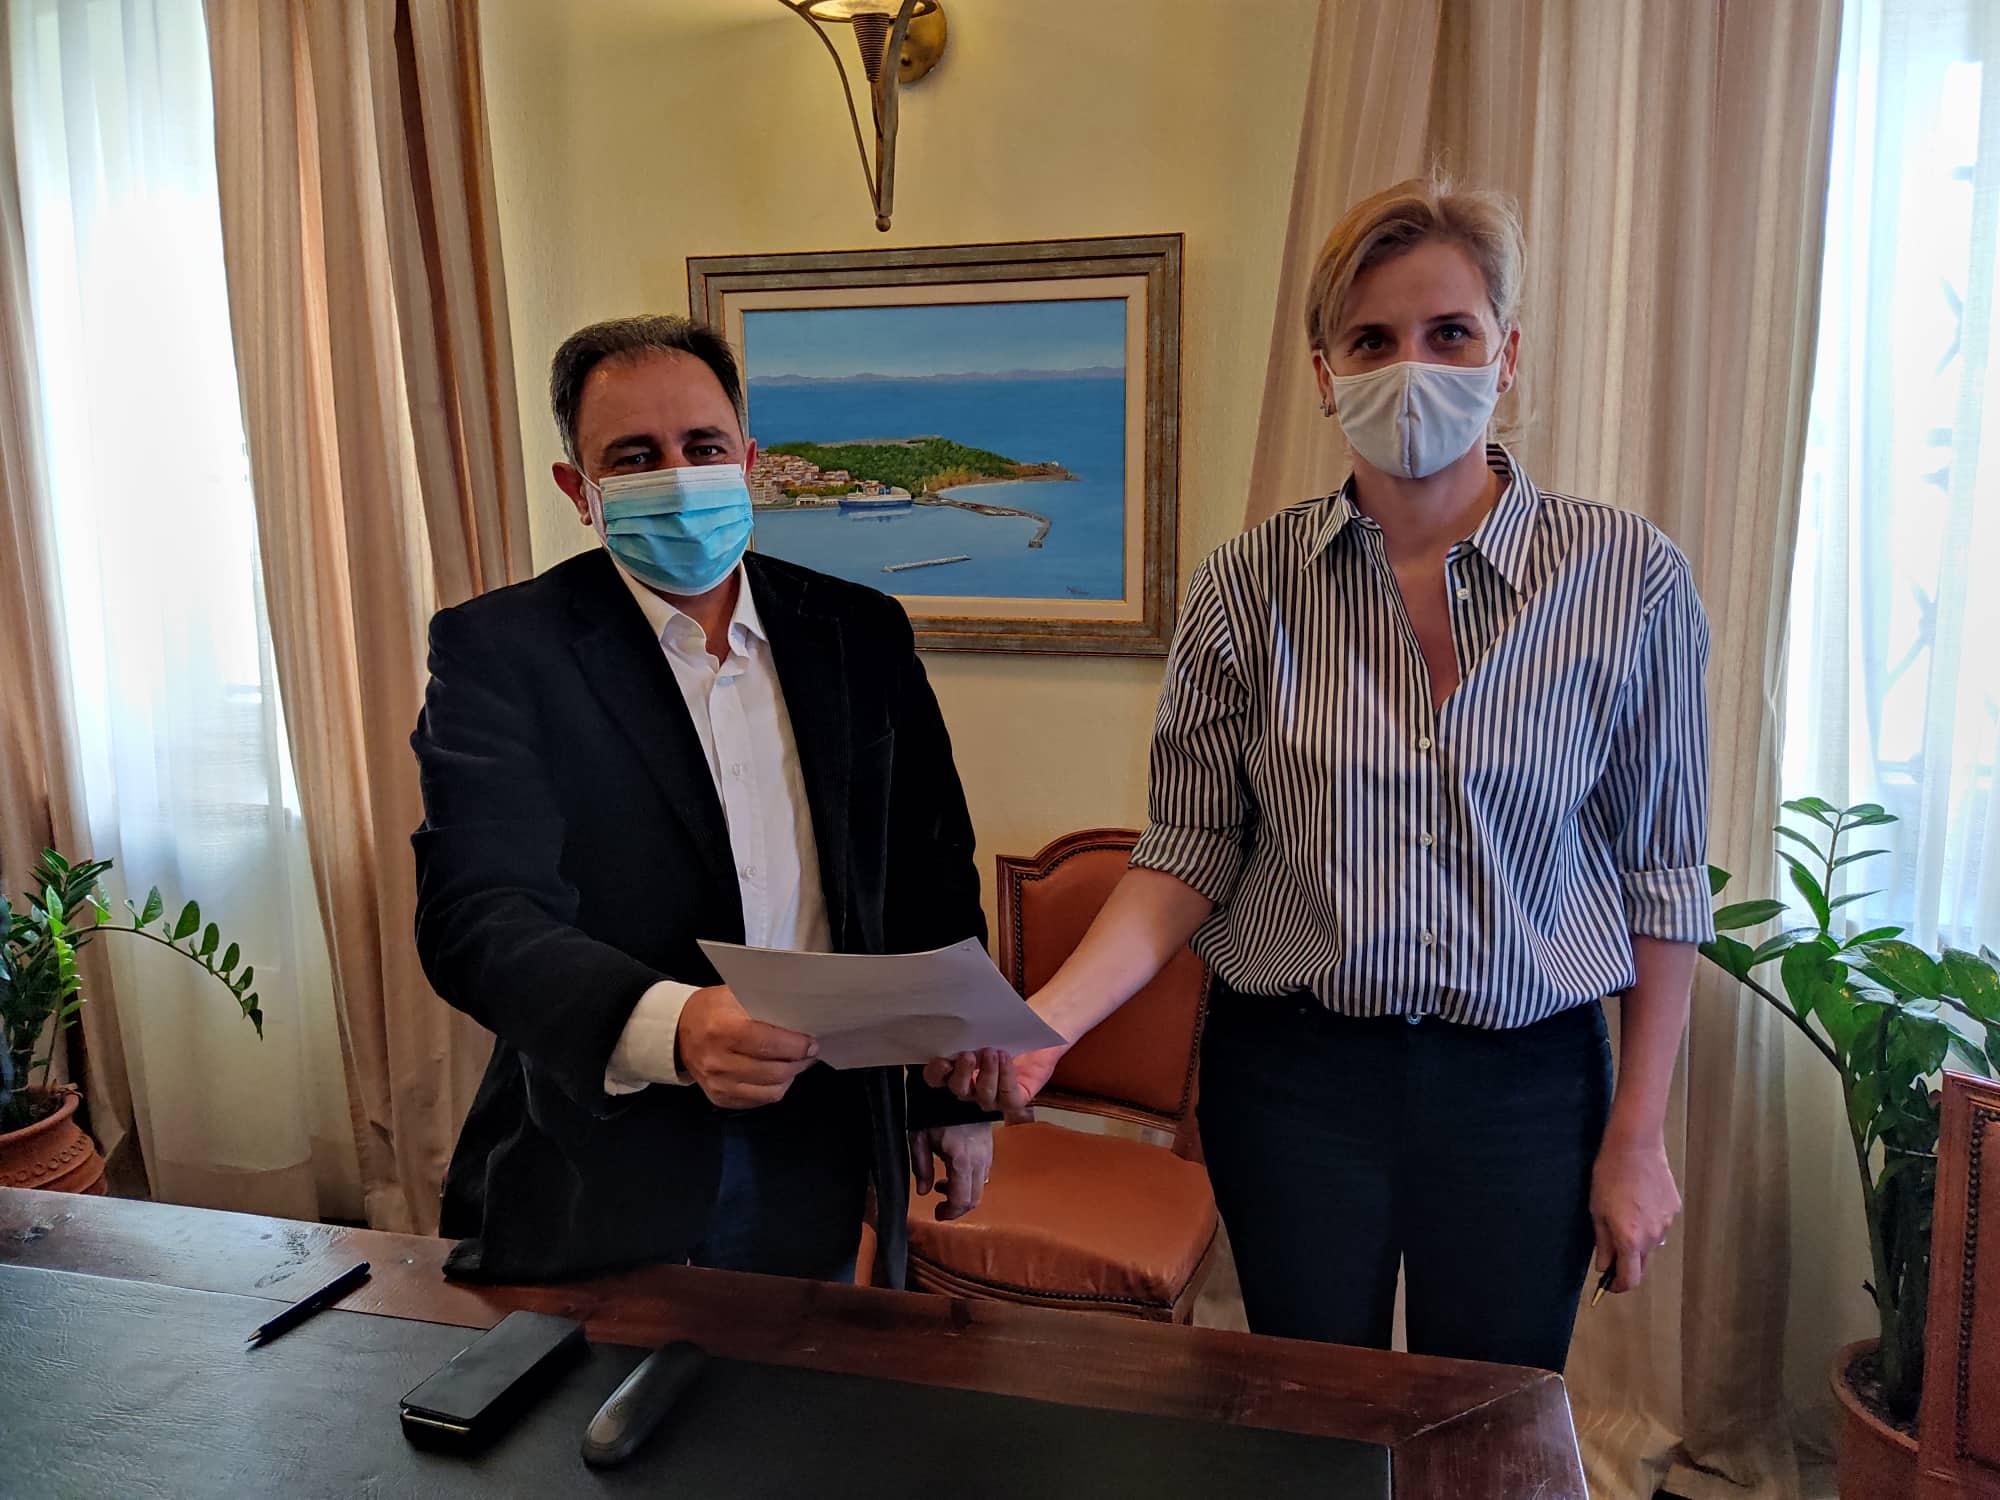 (Από αριστερά προς τα δεξιά) Ο Δήμαρχος Μυτιλήνης, Στρατής Κύτελης και η Αντιπρόεδρος του Δ.Σ. των Παιδικών Χωριών SOS, Αλεξάνδρα Κοντέλλη.